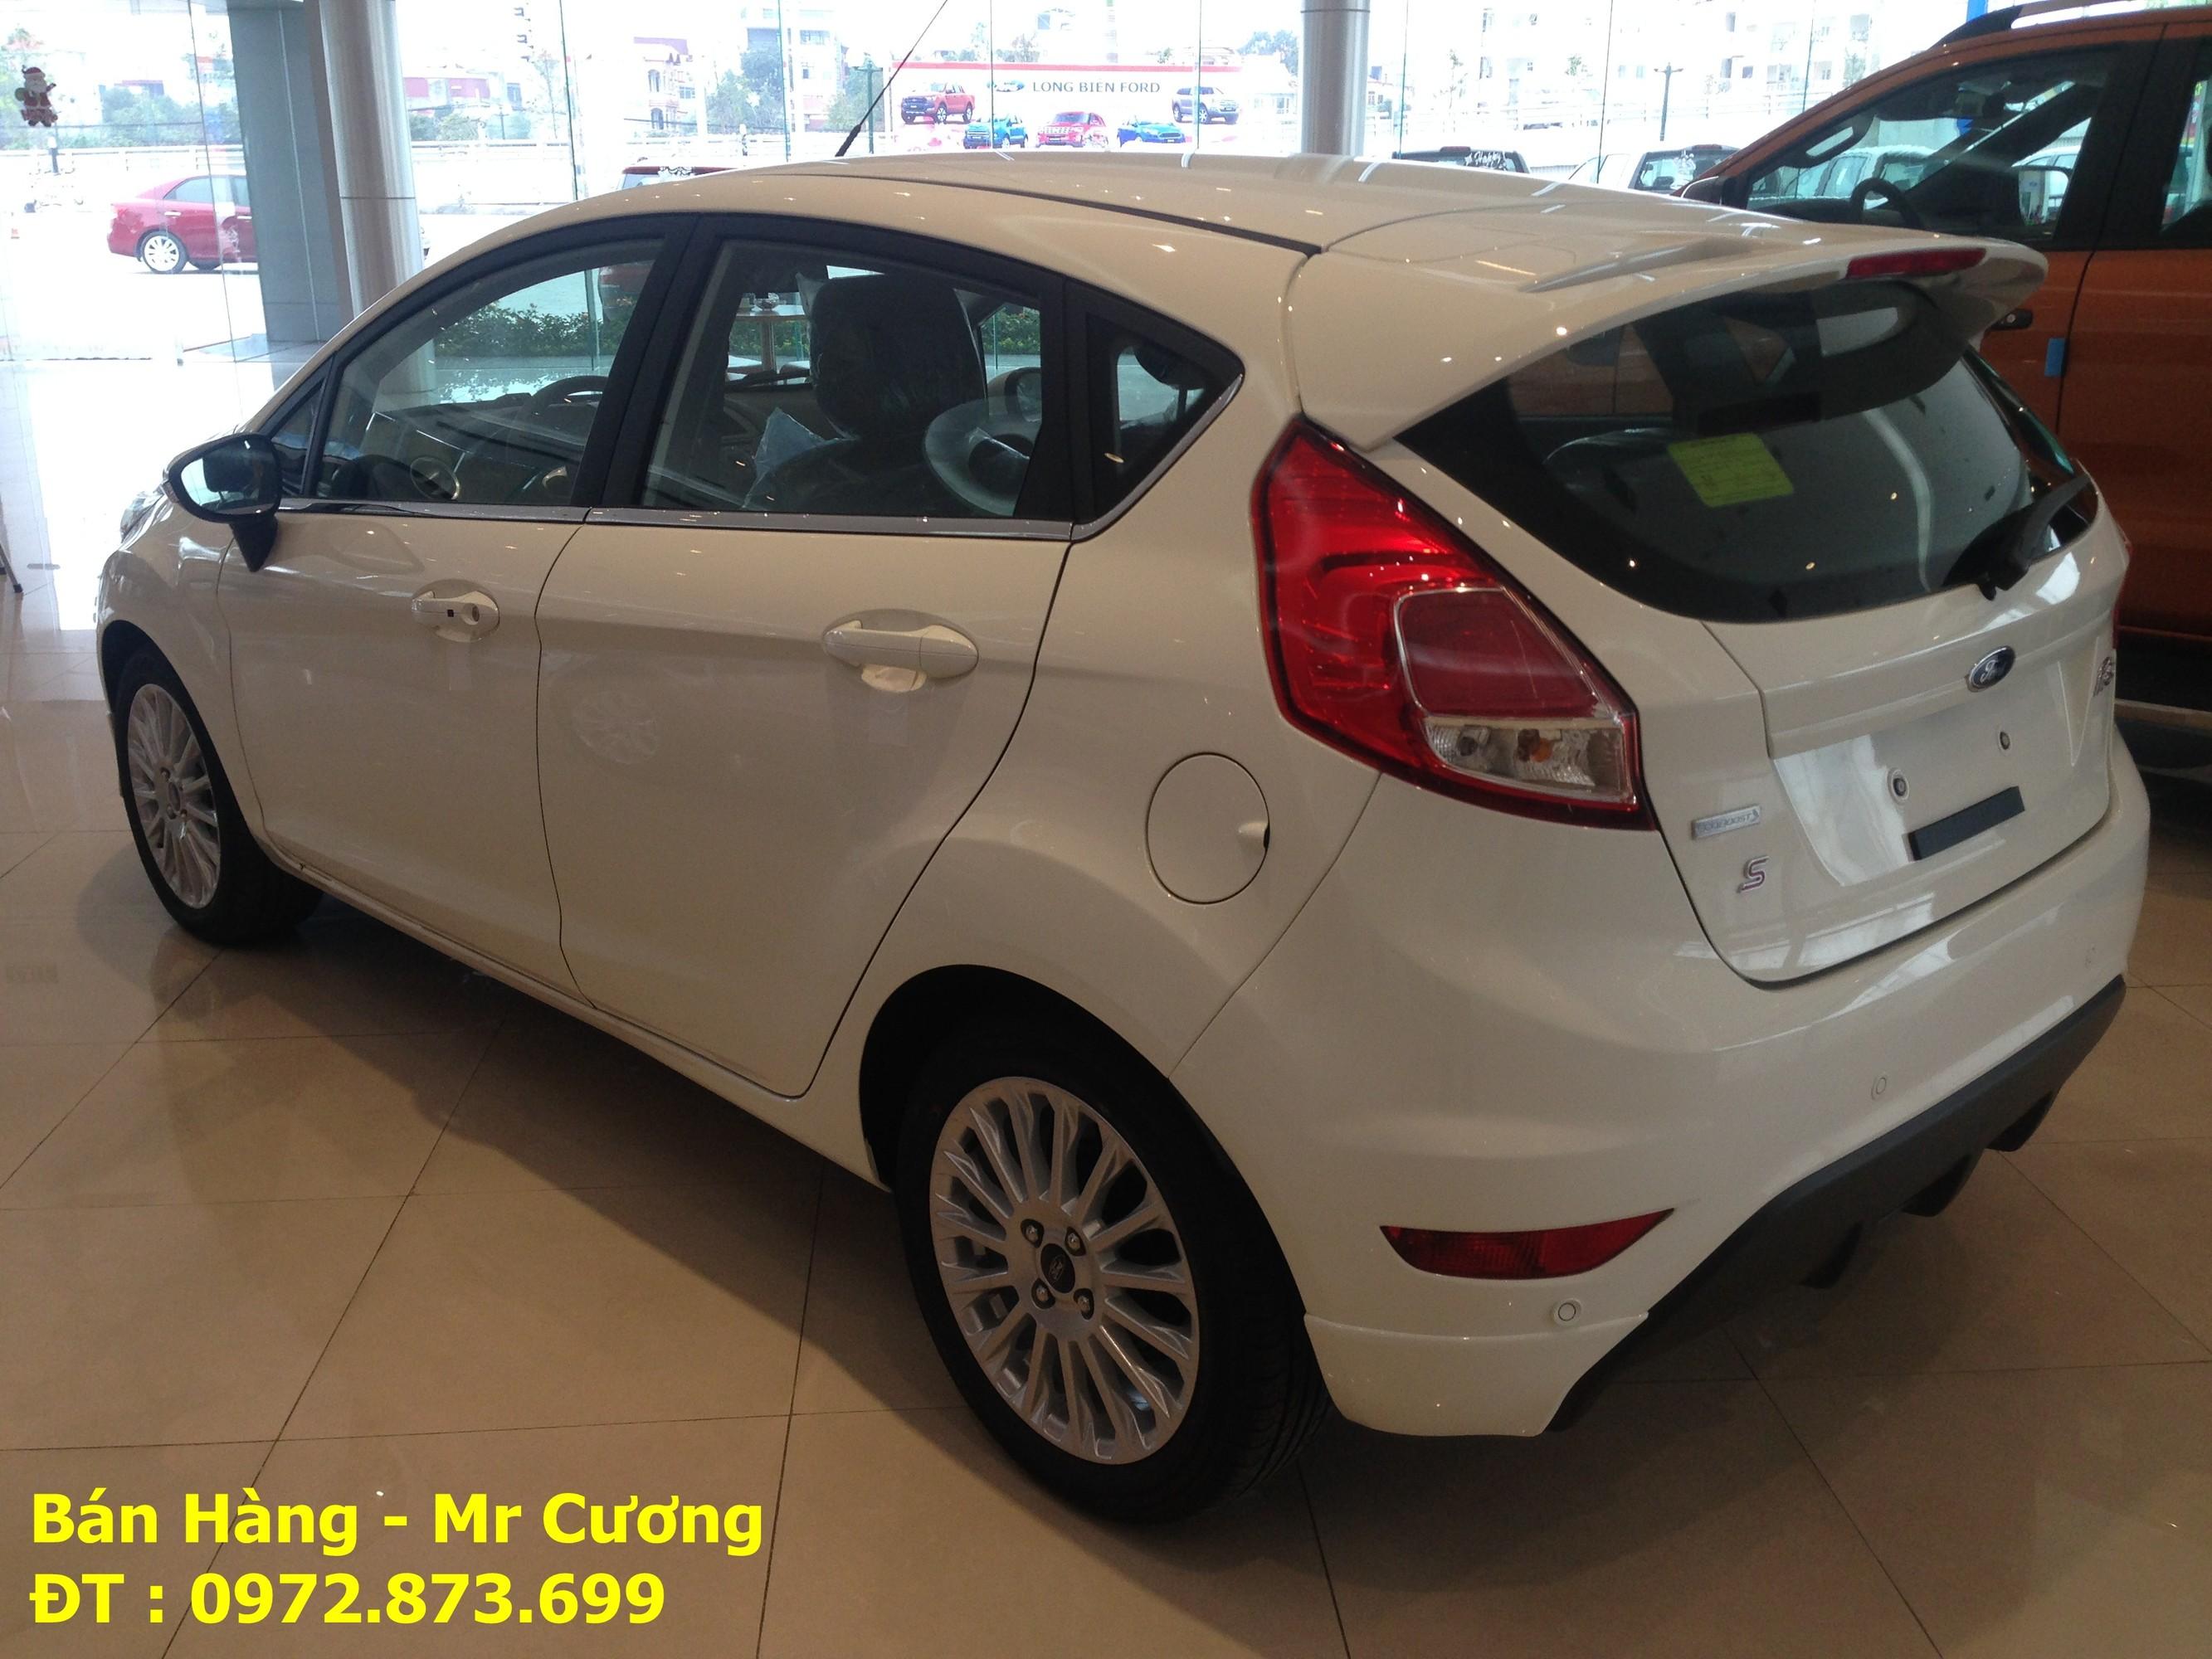 Ford fiesta 1.0 ecoboost màu trắng giá tốt giao xe ngay Ảnh số 40388703